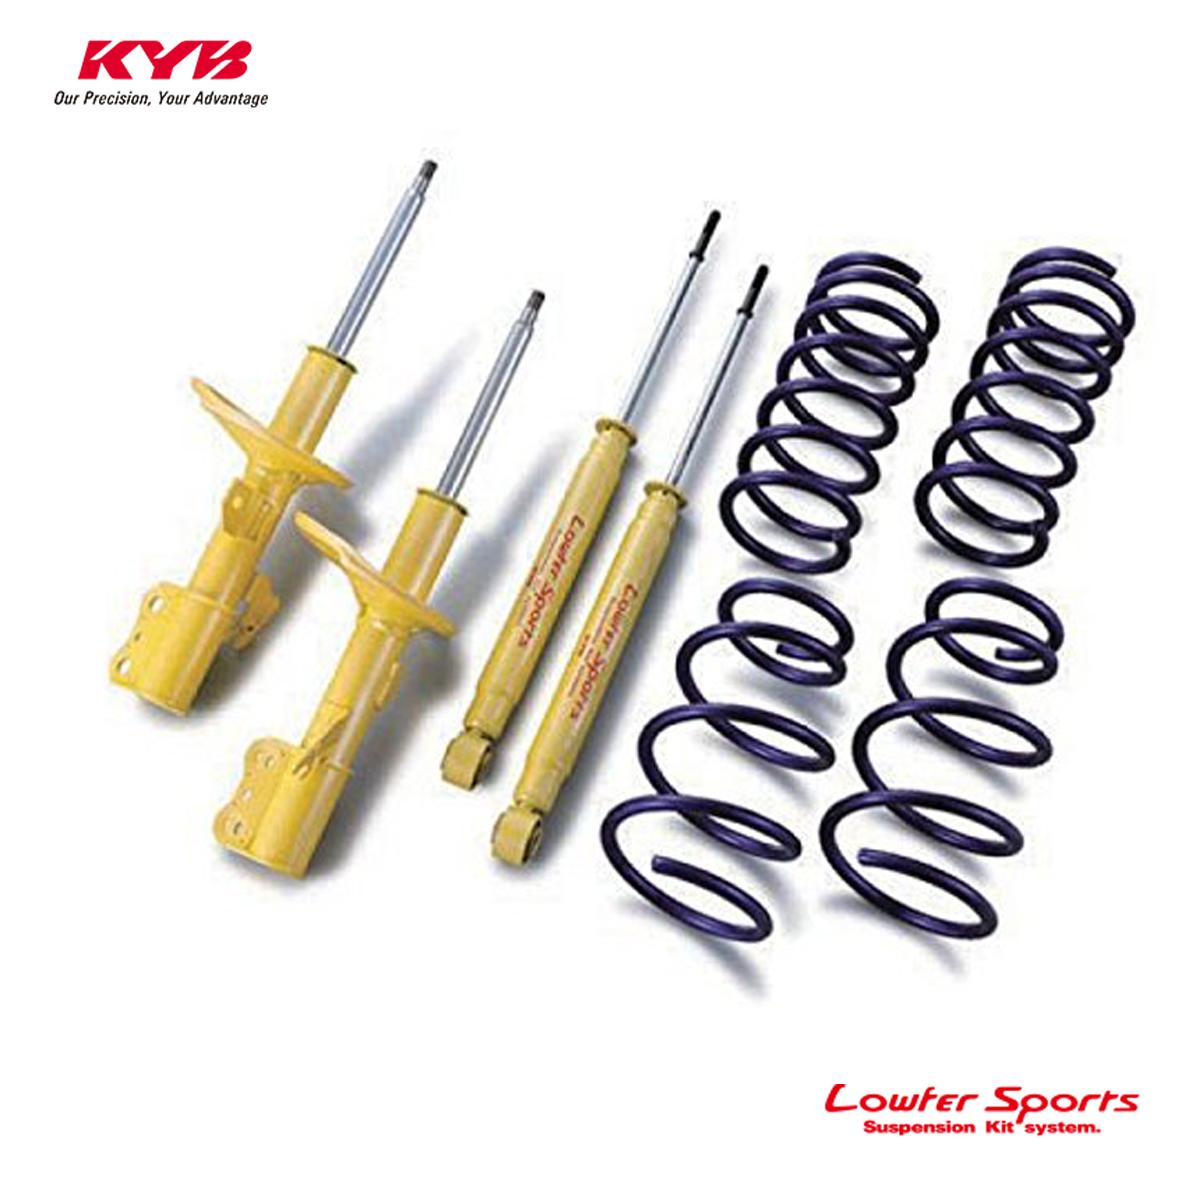 KYB カヤバ エルグランド TE52 ショックアブソーバー サスペンションキット Lowfer Sports LKIT-TE52 配送先条件有り